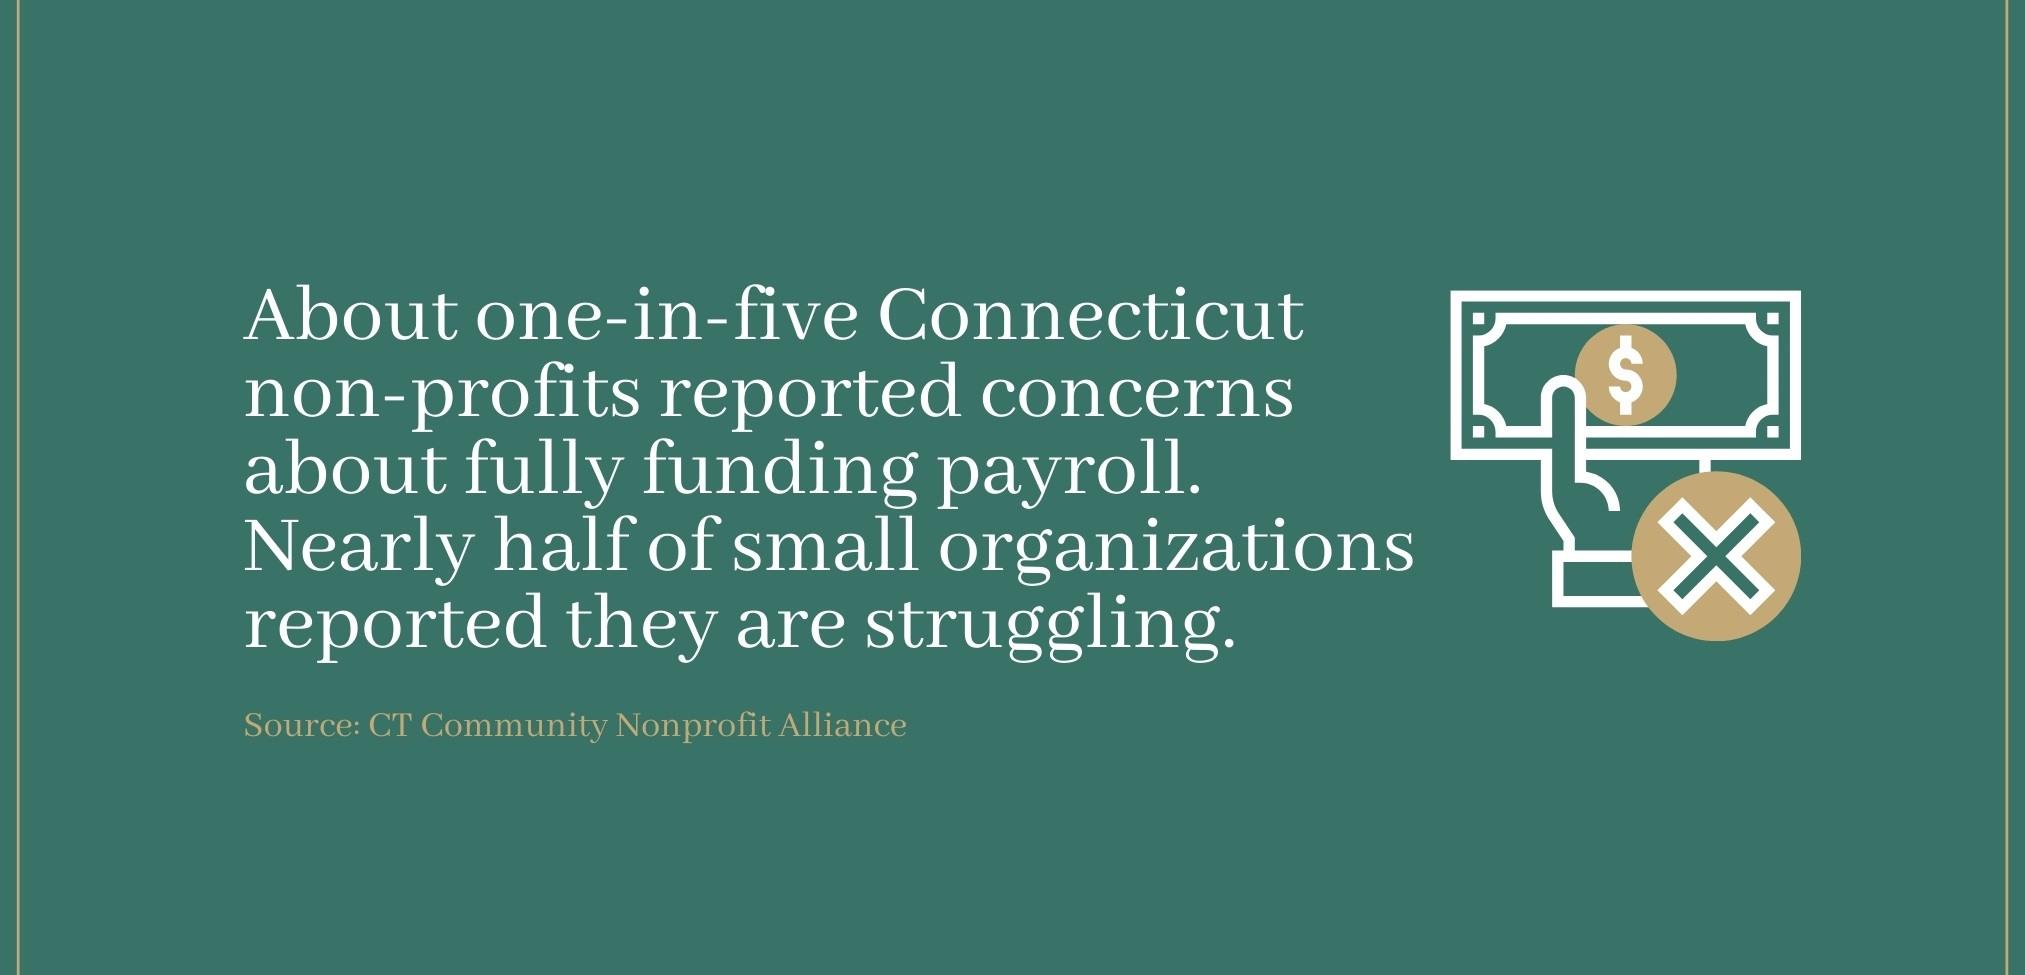 Nonprofit funding struggles